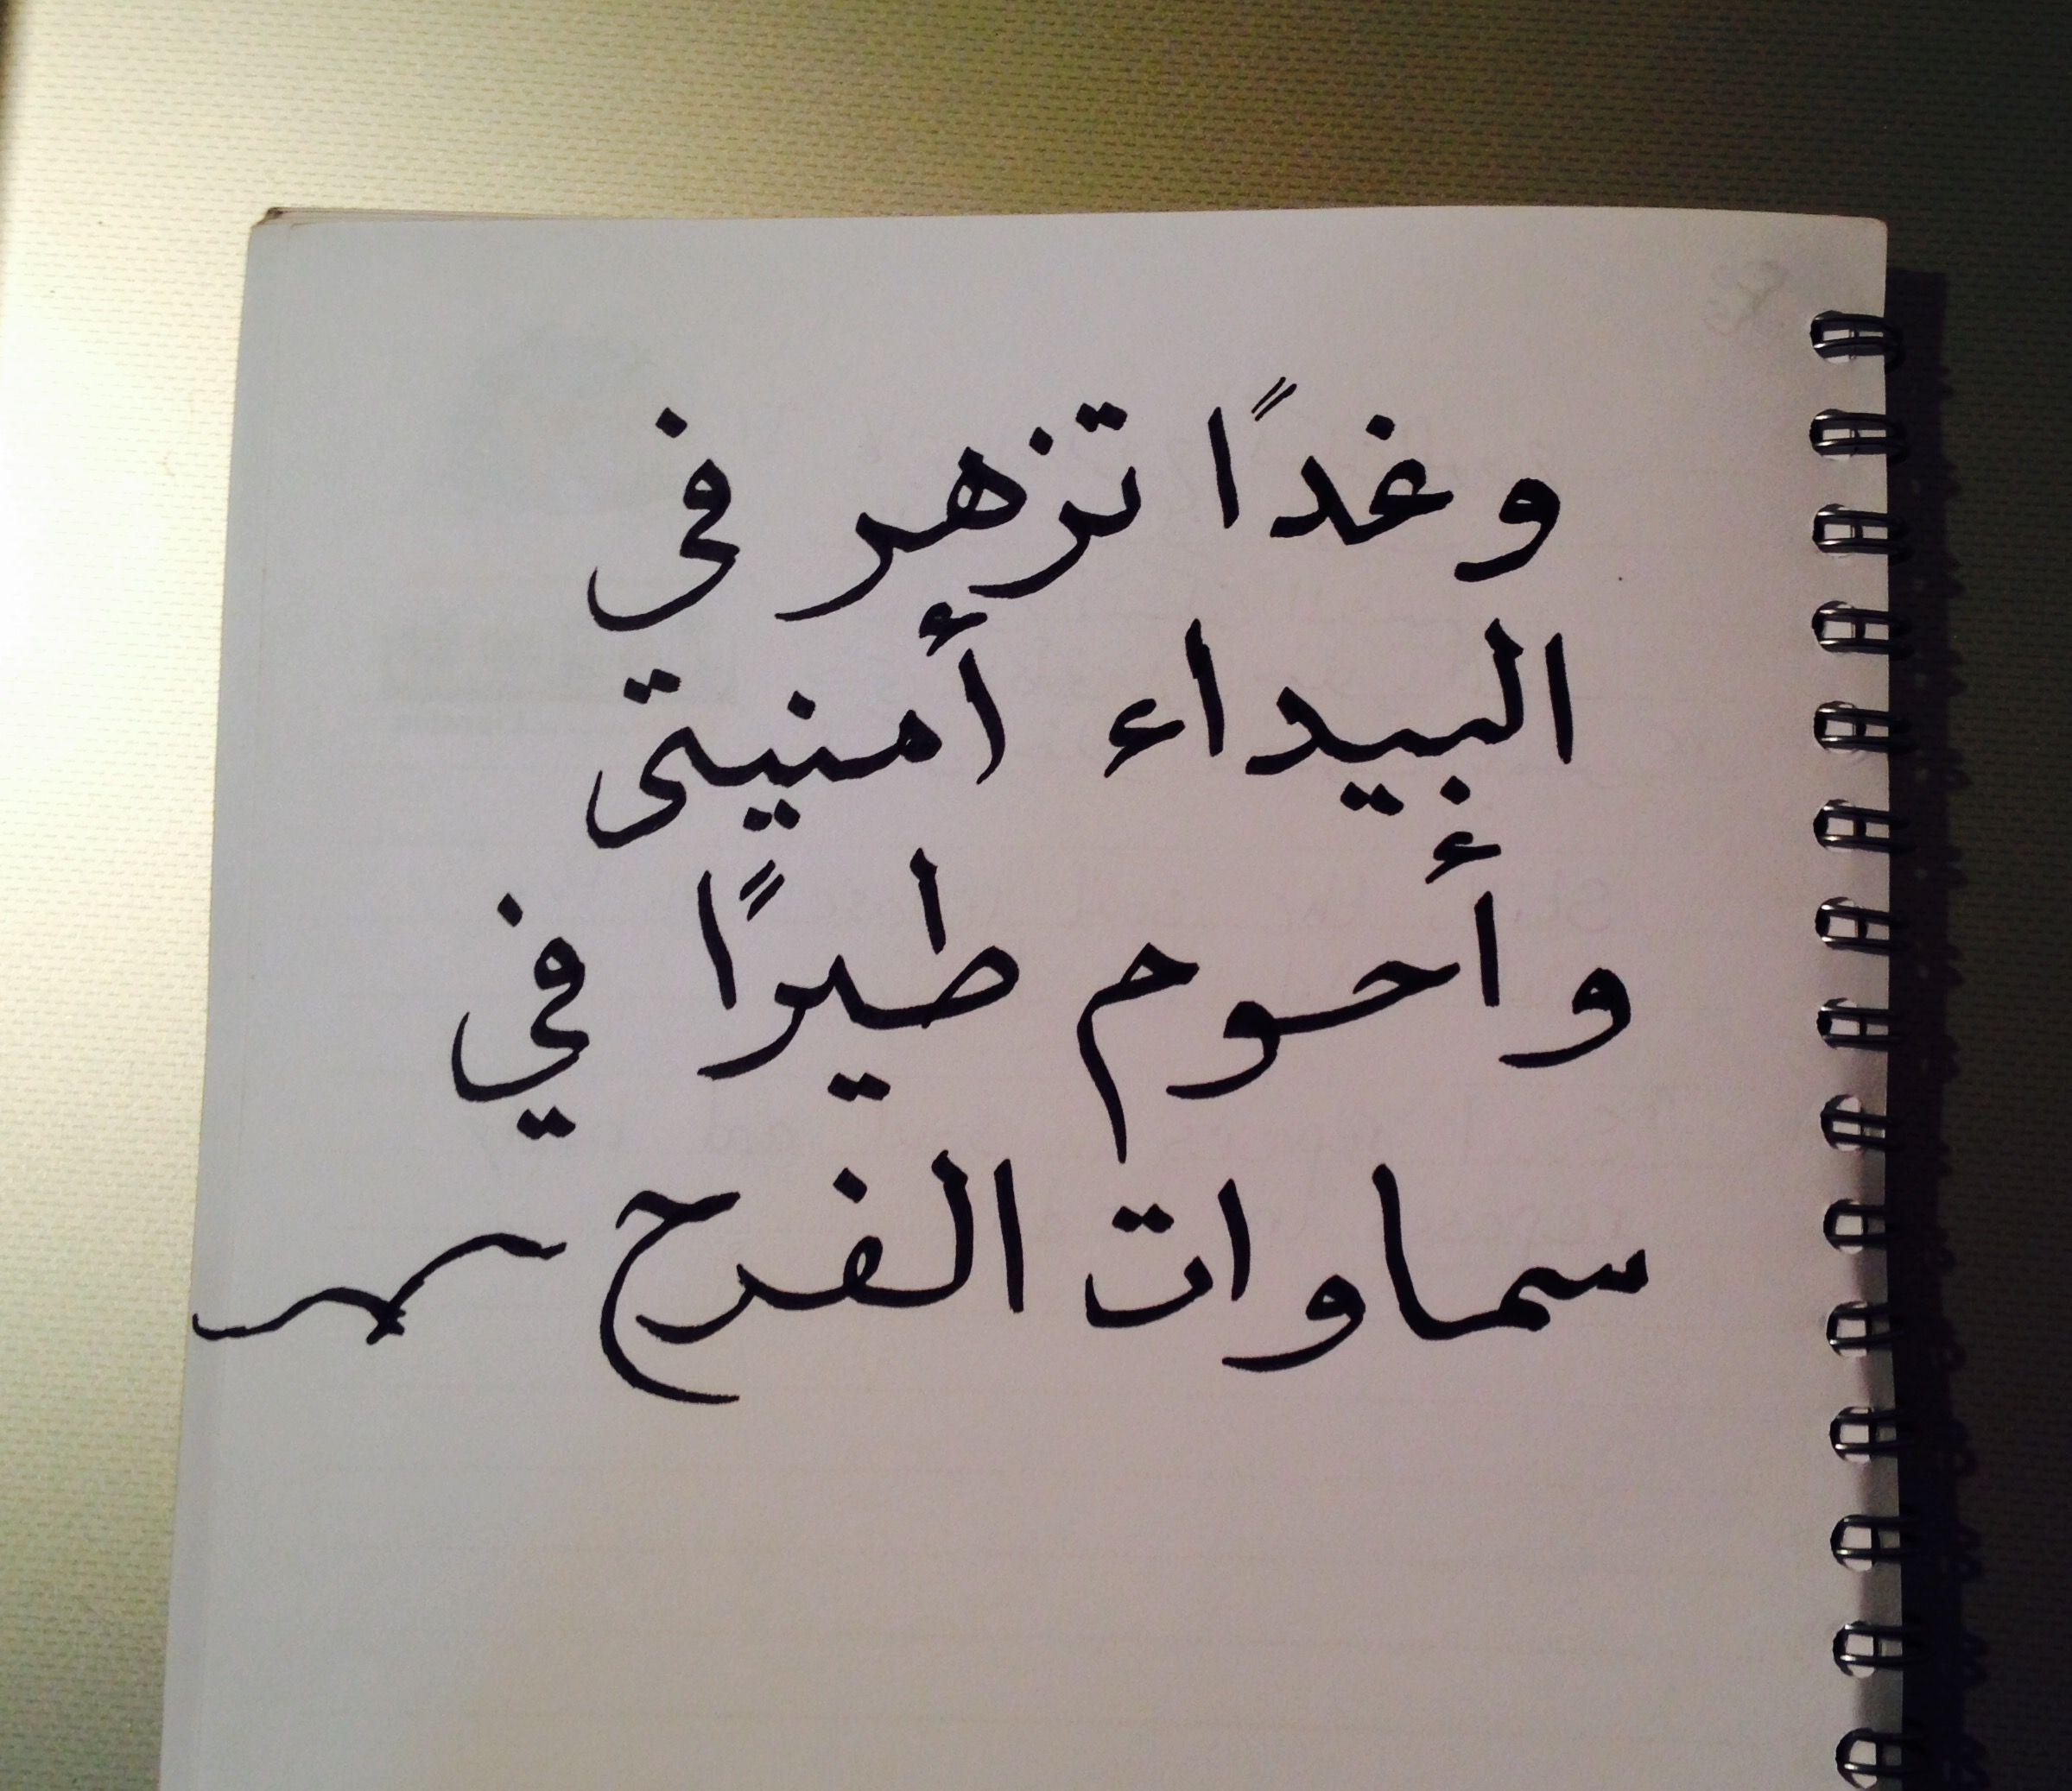 وغدا تزهر في البيداء أمنيتي وأحوم طيرا في سماوات الفرح Some Words Arabic Quotes Islamic Quotes